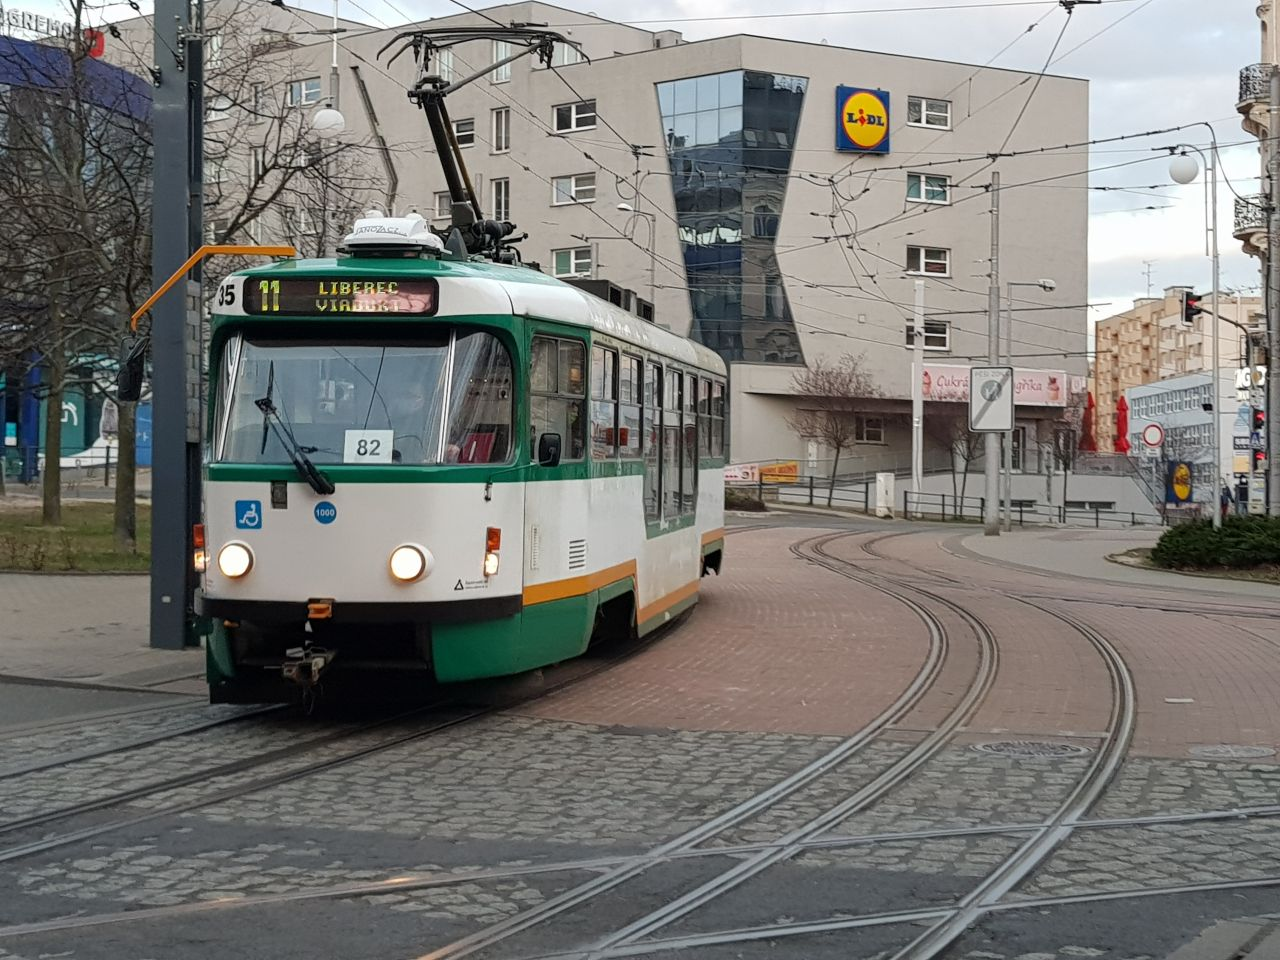 Tramvaj z Vratislavic přejela Lípovou ulici v centru Liberce (přechod na pravé straně). Foto: Jan Sůra / Zdopravy.cz